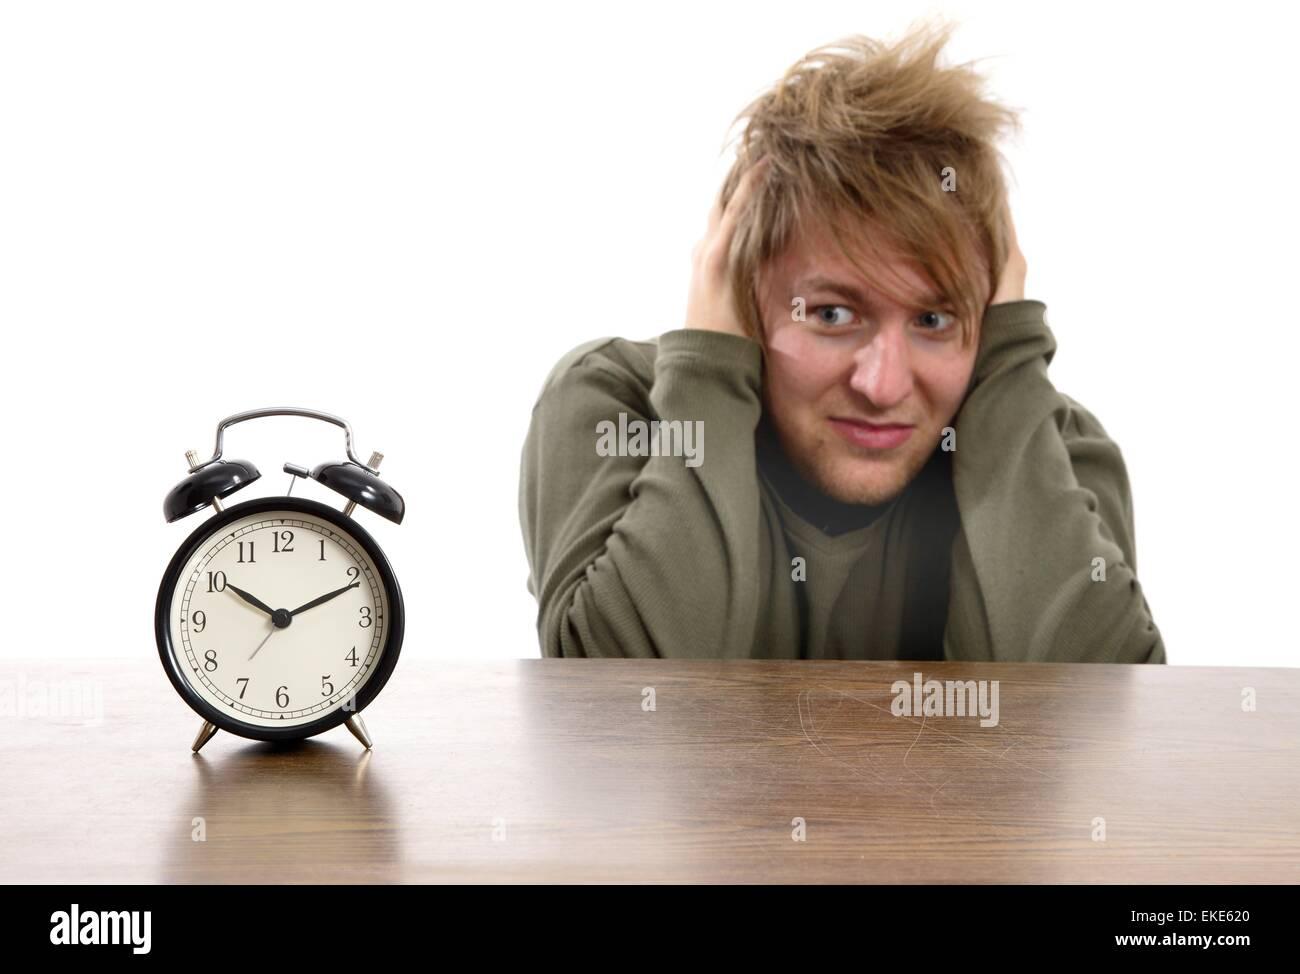 Alarm - Stock Image